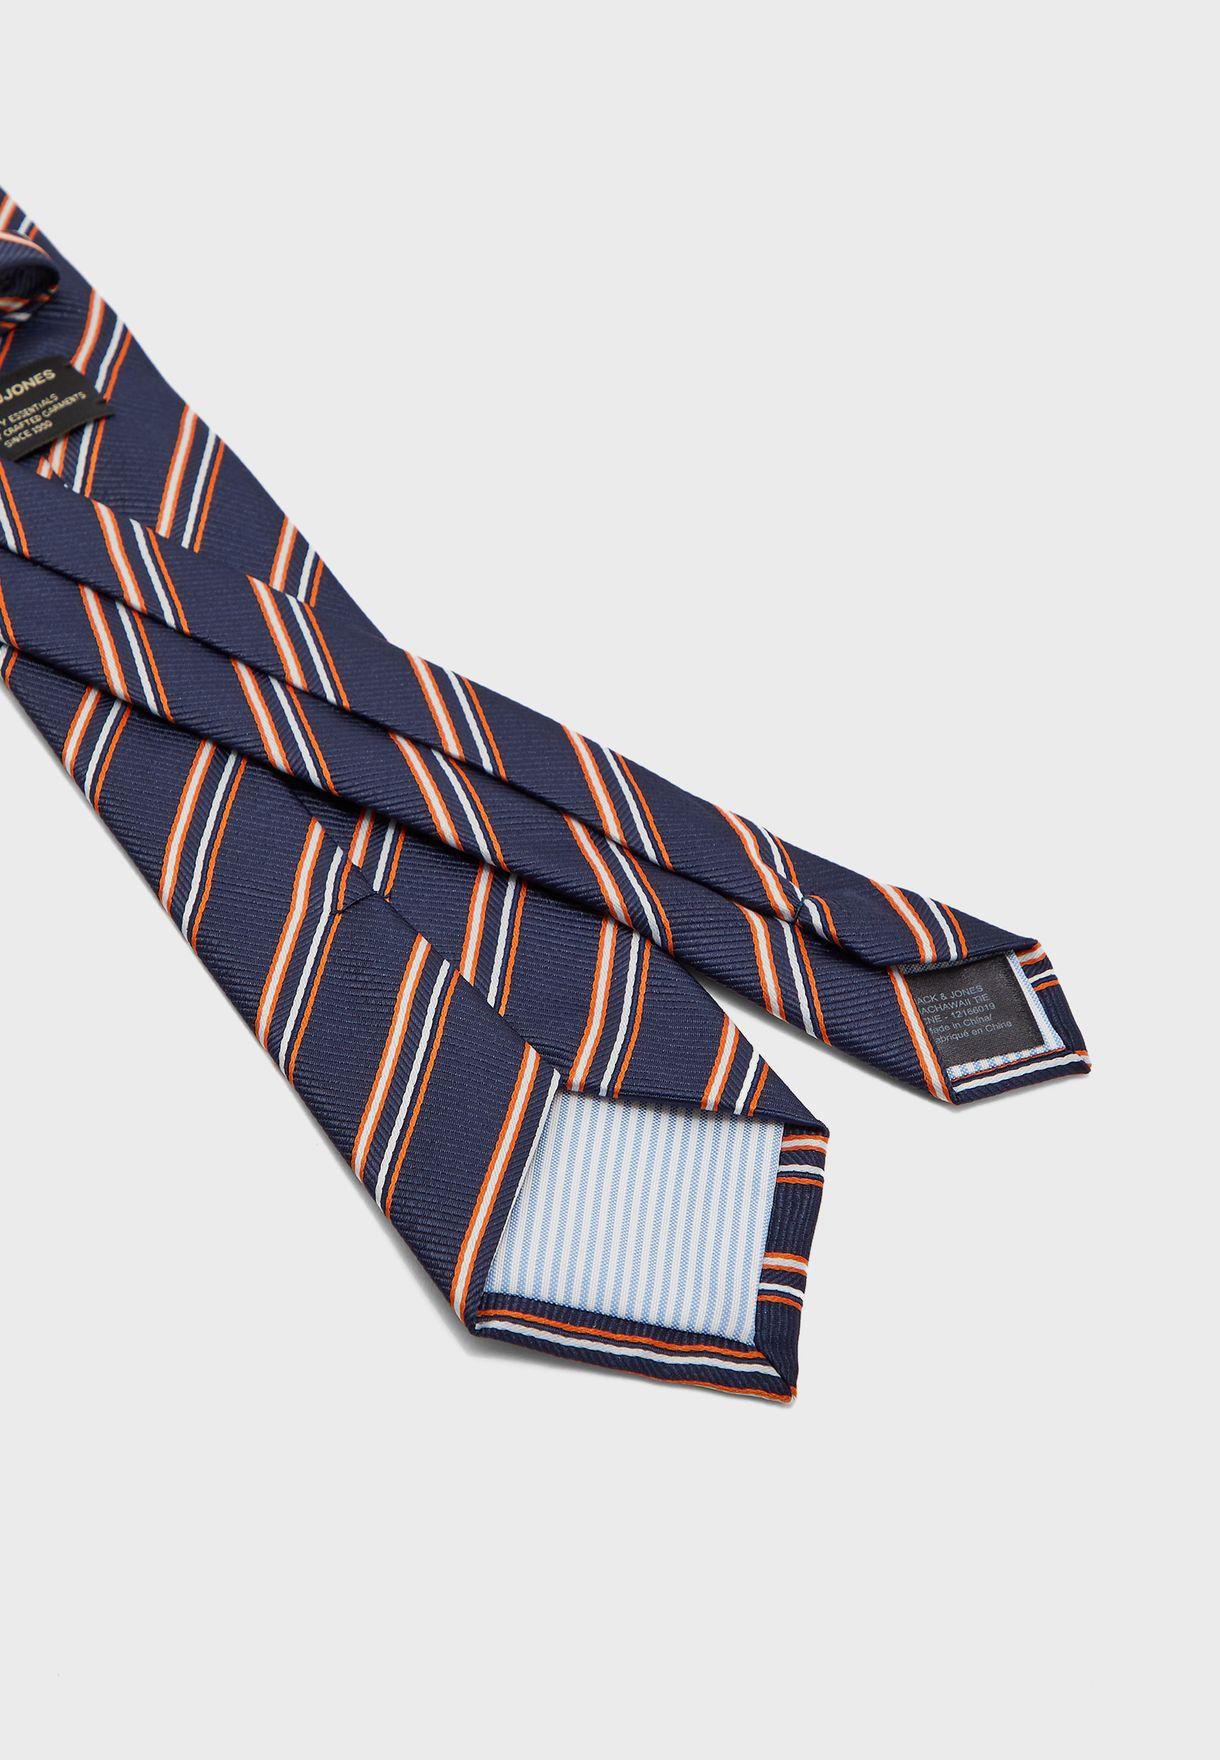 Hawaii Striped Tie